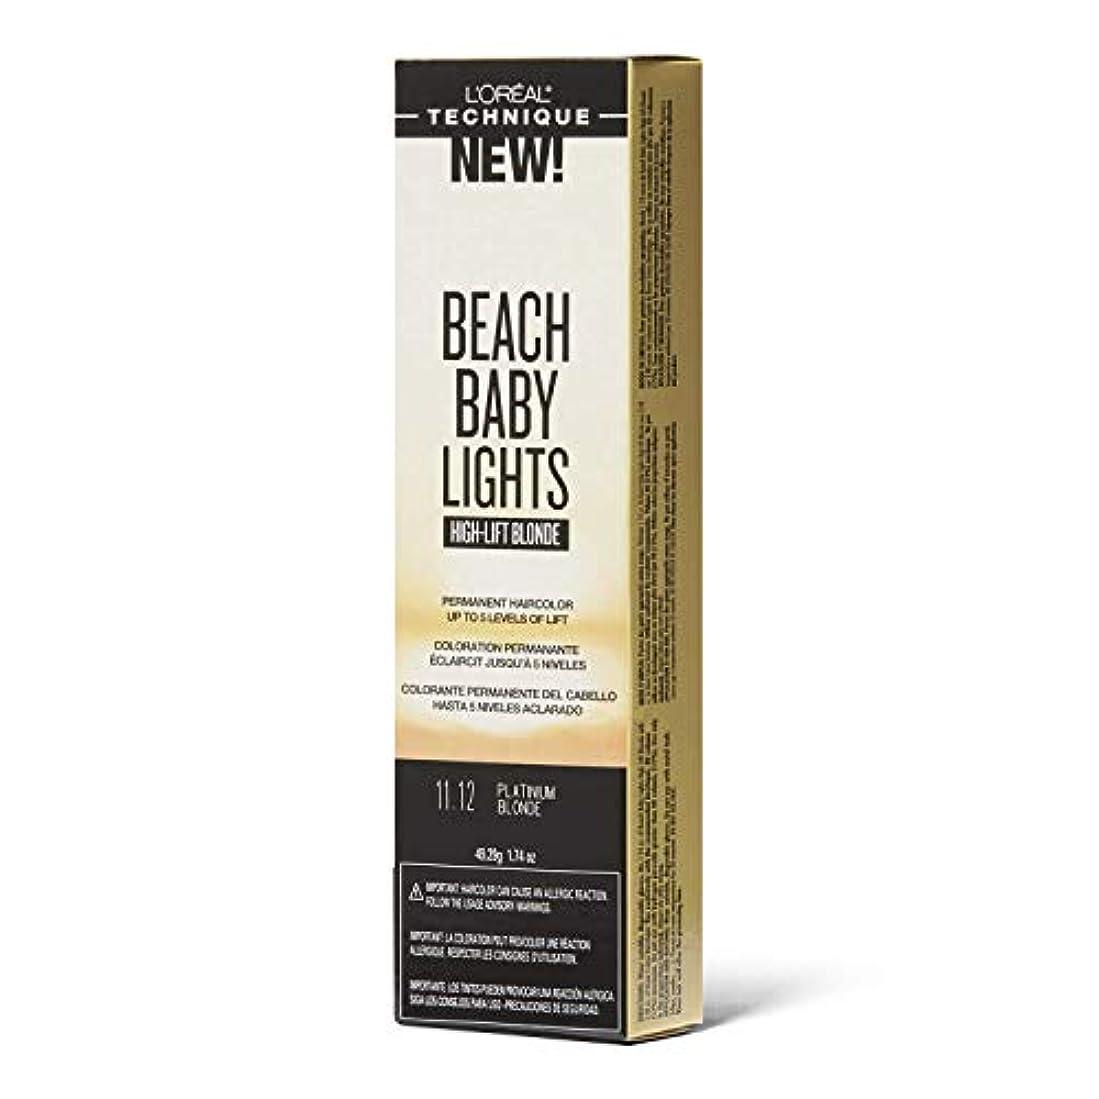 不承認ビジュアル出力L'Oreal Paris L'Orealのビーチ赤ちゃんライトハイリフトプラチナブロンド11.12プラチナブロンド